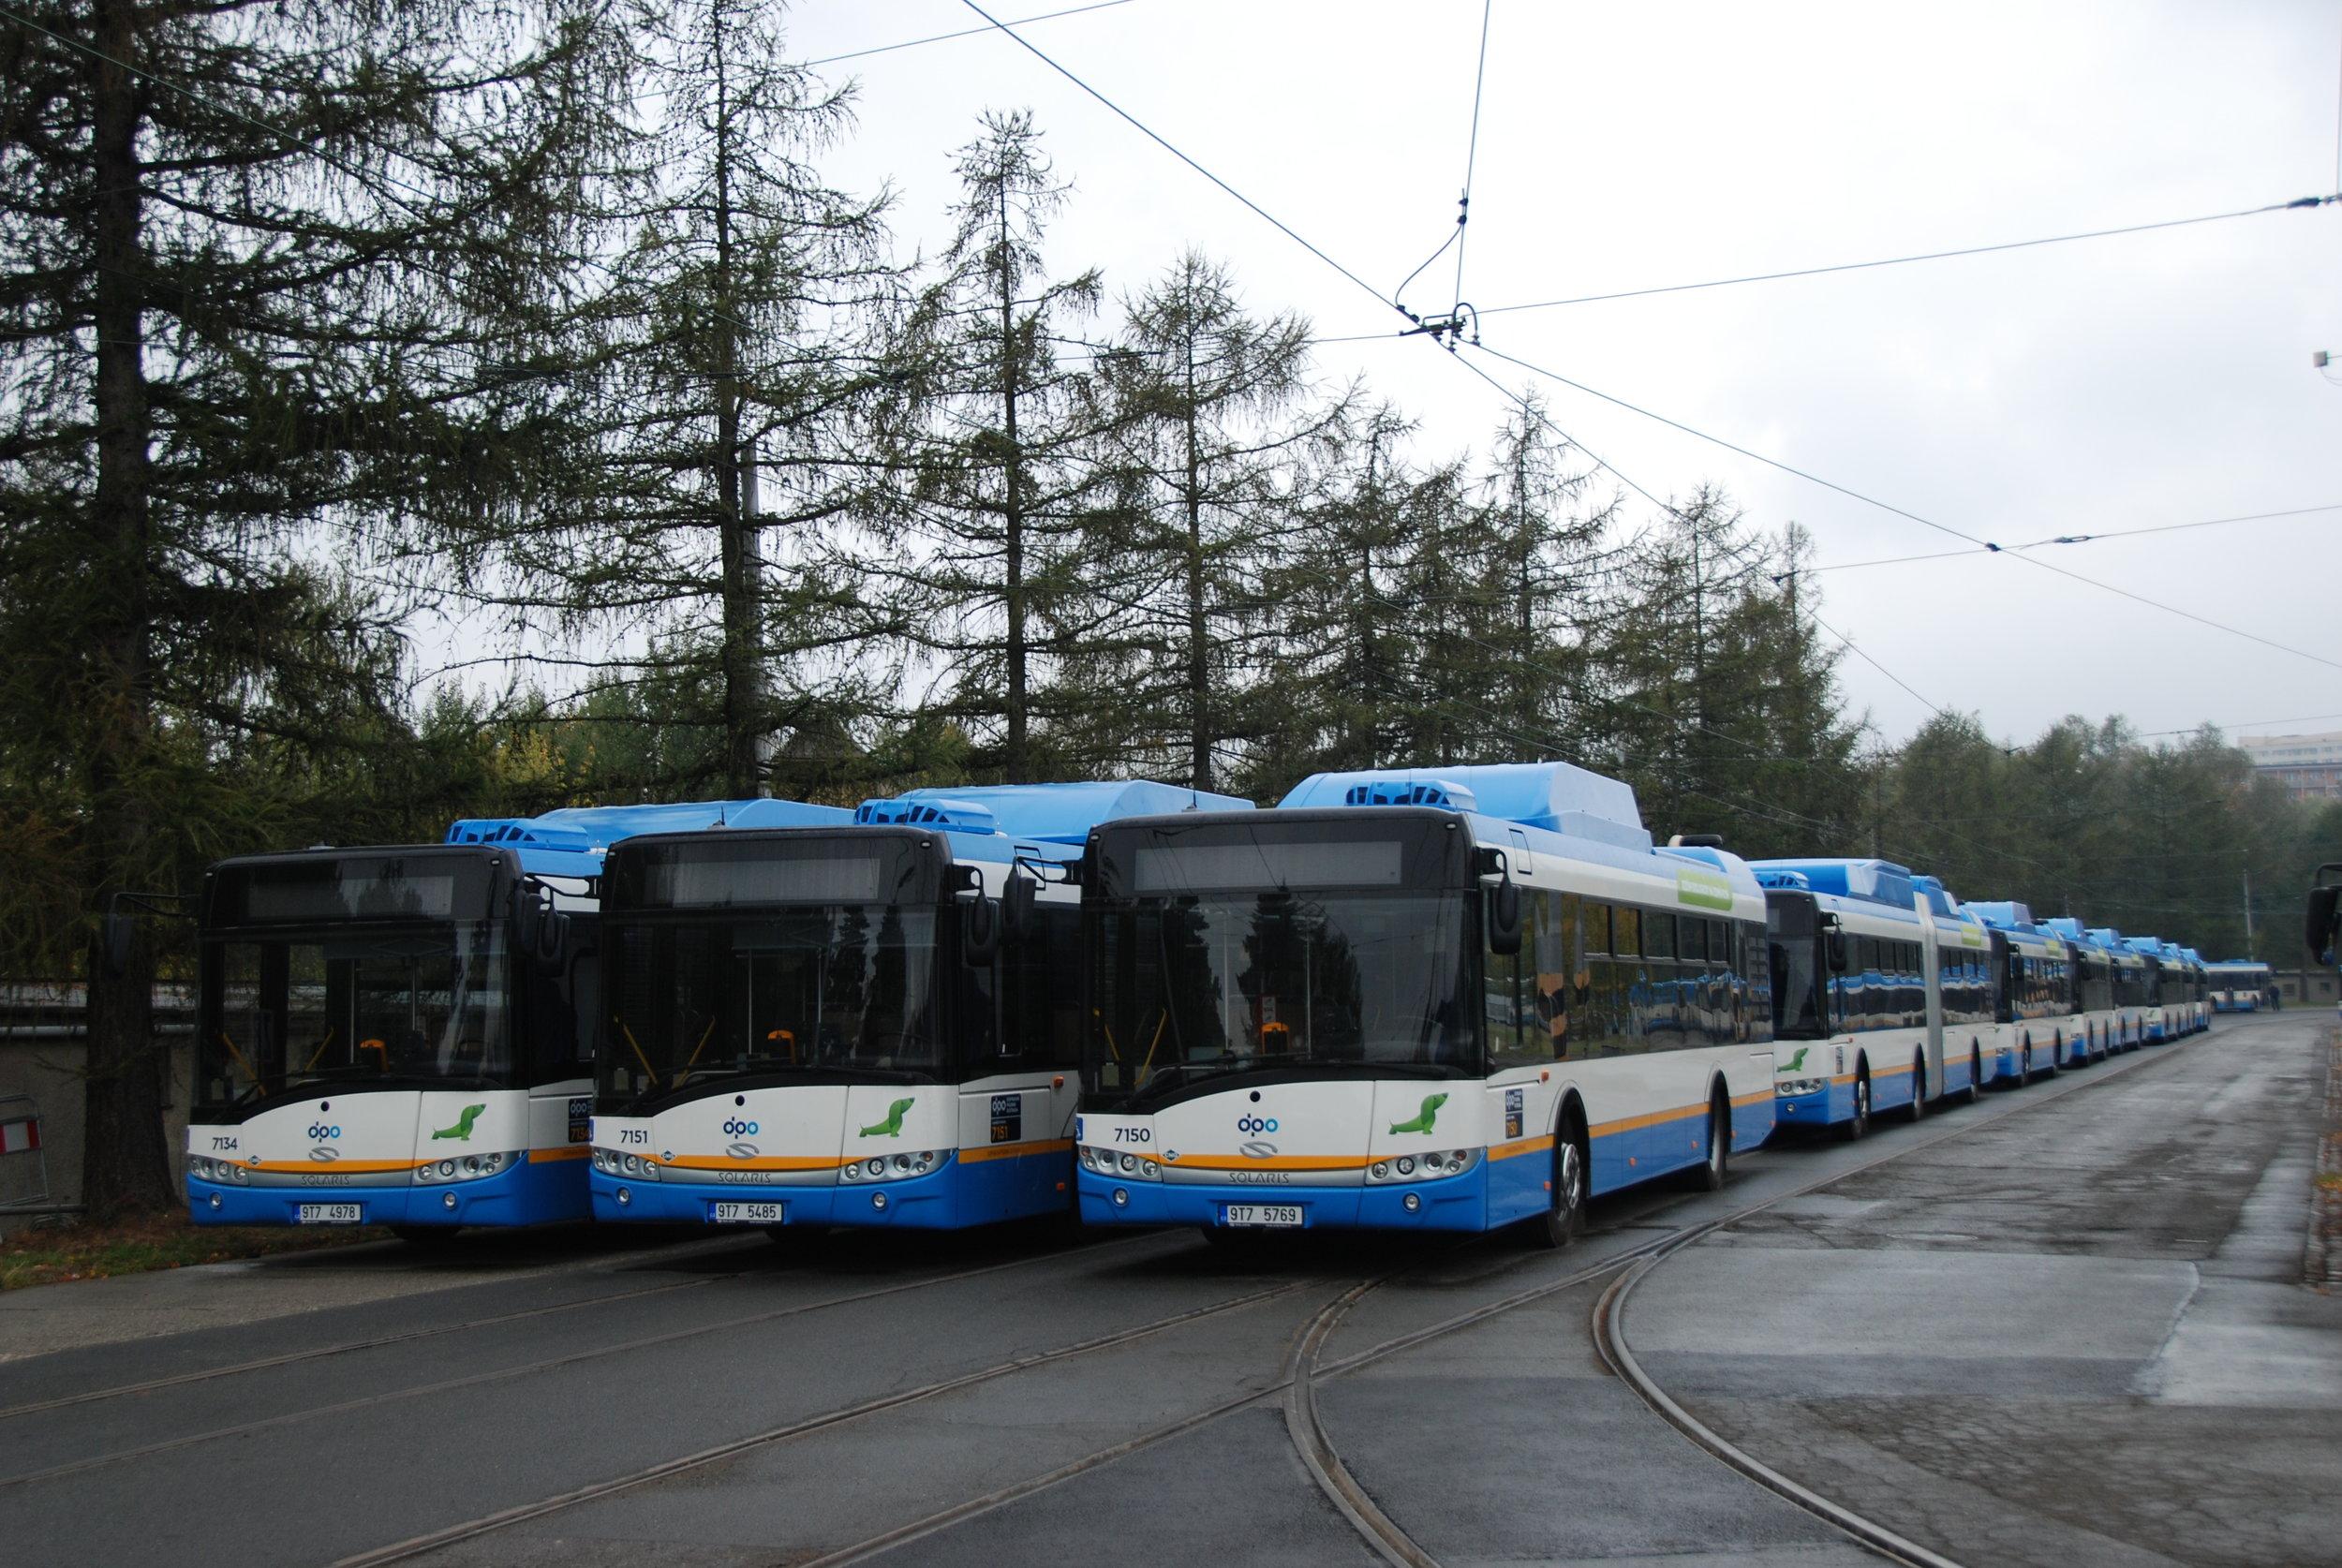 Solaris úspěšně exportuje také do České republiky, která byla vůbec prvním státem, kam se mu podařilo autobusy mimo Polsko prodat. Prvním zákazníkem u nás byl DP Ostrava. Ten poté opakovaně vsadil na polská vozidla i v dalších letech. Na snímku vidíme část flotily 105 nových plynových autobusů z roku 2015. (foto: Libor Hinčica)